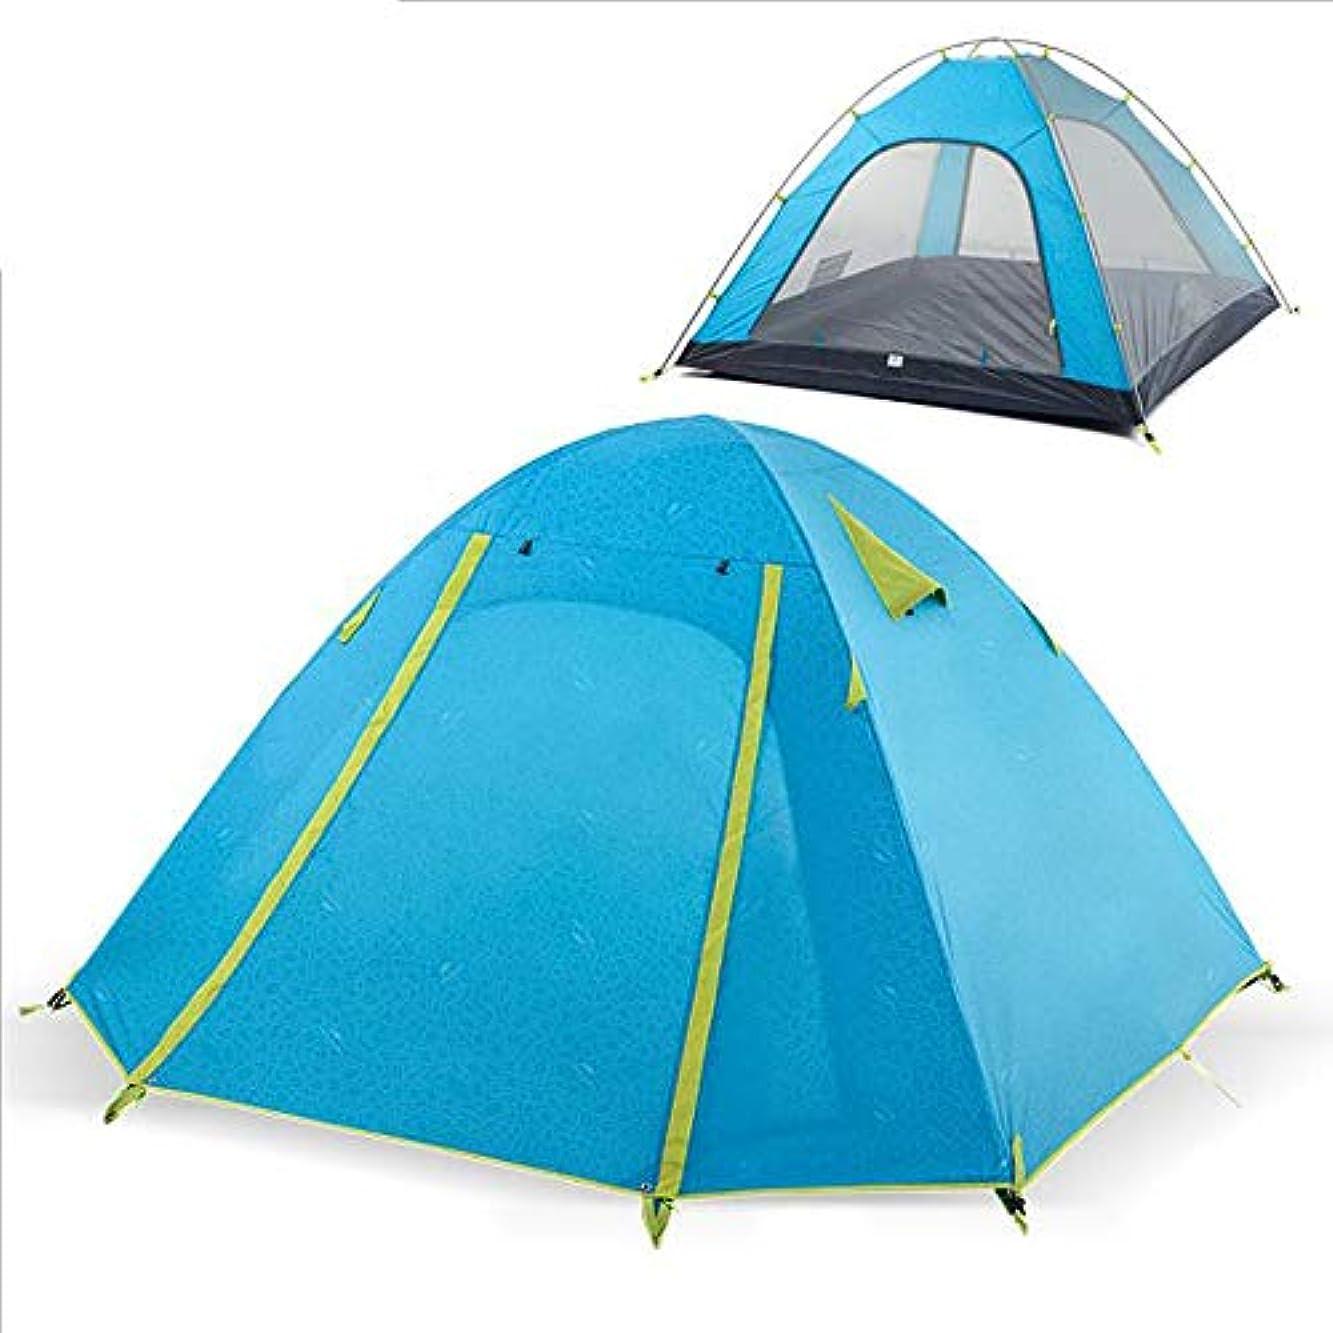 体操構想する期限屋外のテント、浜の日曜日の保護紫外線保護雨キャンプの二重テント